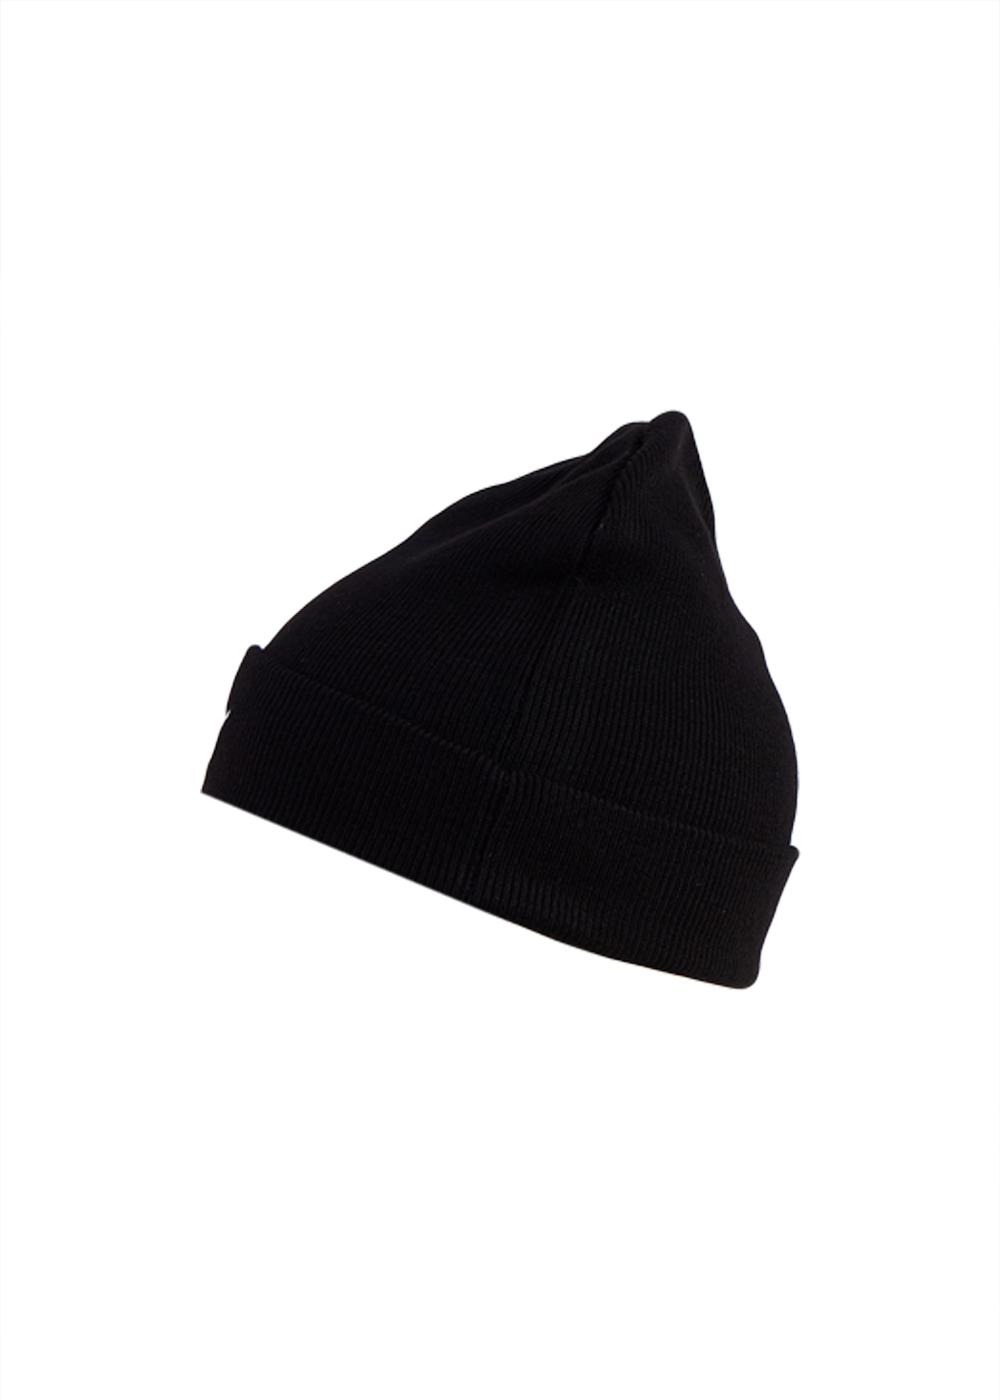 Купить со скидкой Defend шапка